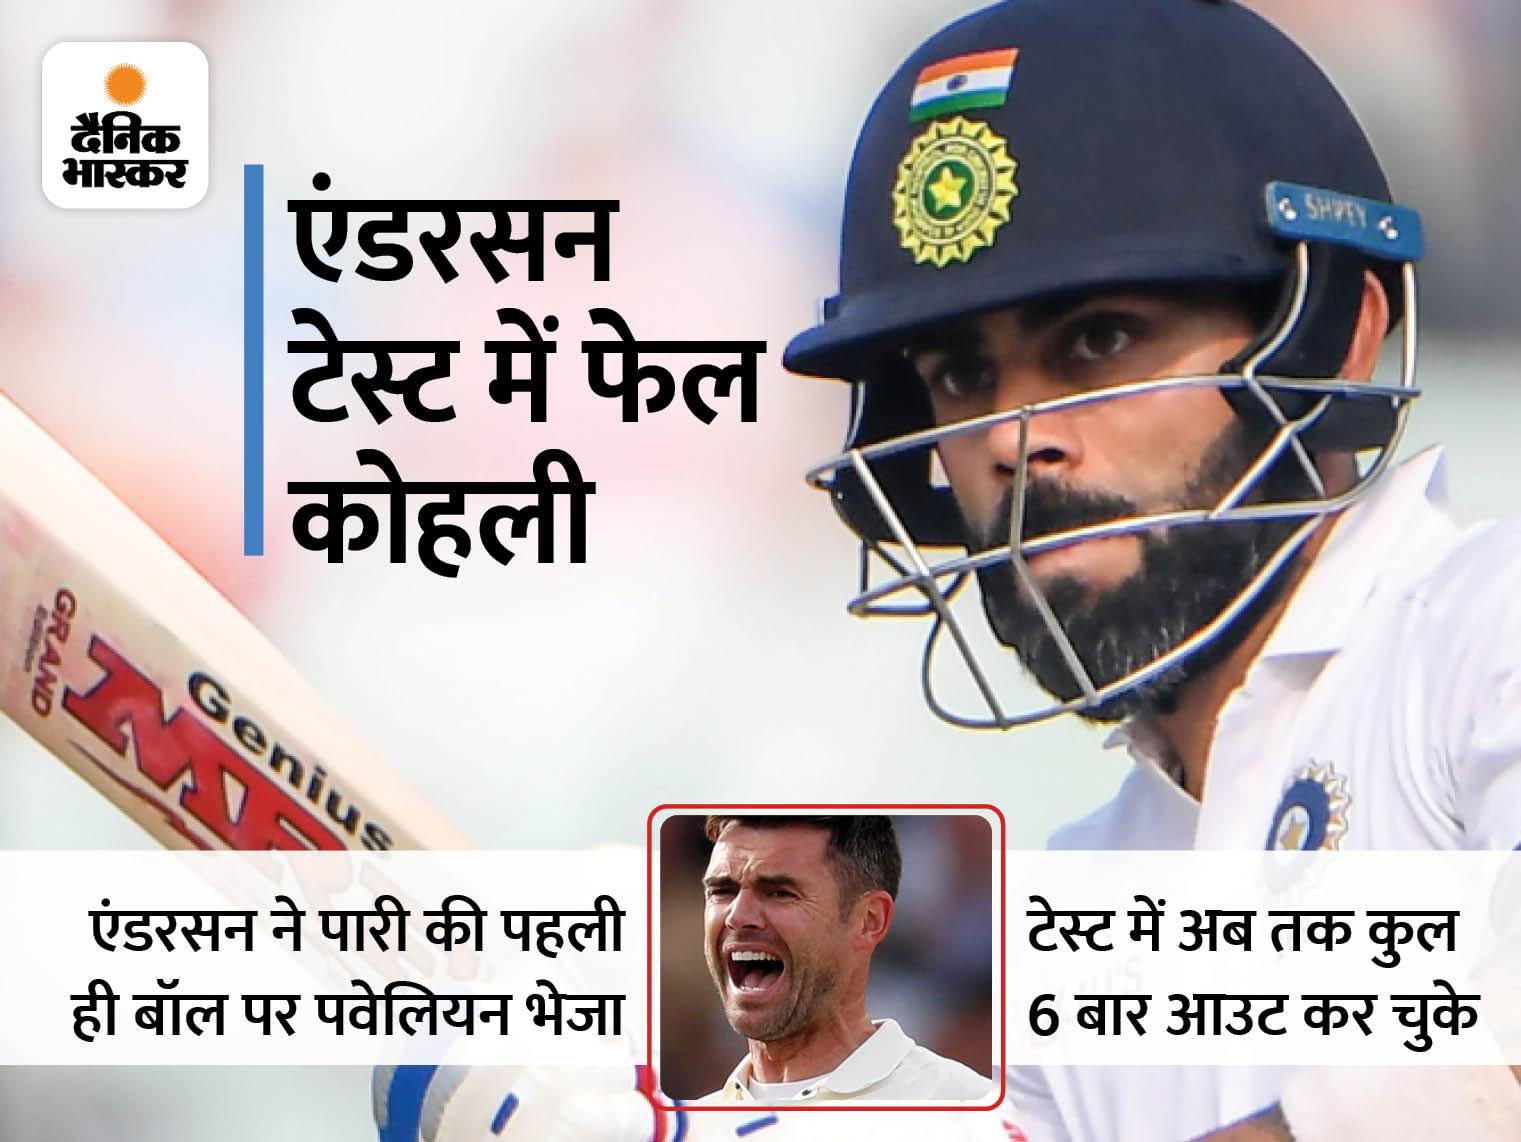 ट्रेंट ब्रिज में बारिश के कारण तीसरी बार खेल रुका; पहले ब्रेक के बाद 1 और दूसरे के बाद 2 बॉल का ही खेल हुआ क्रिकेट,Cricket - Dainik Bhaskar